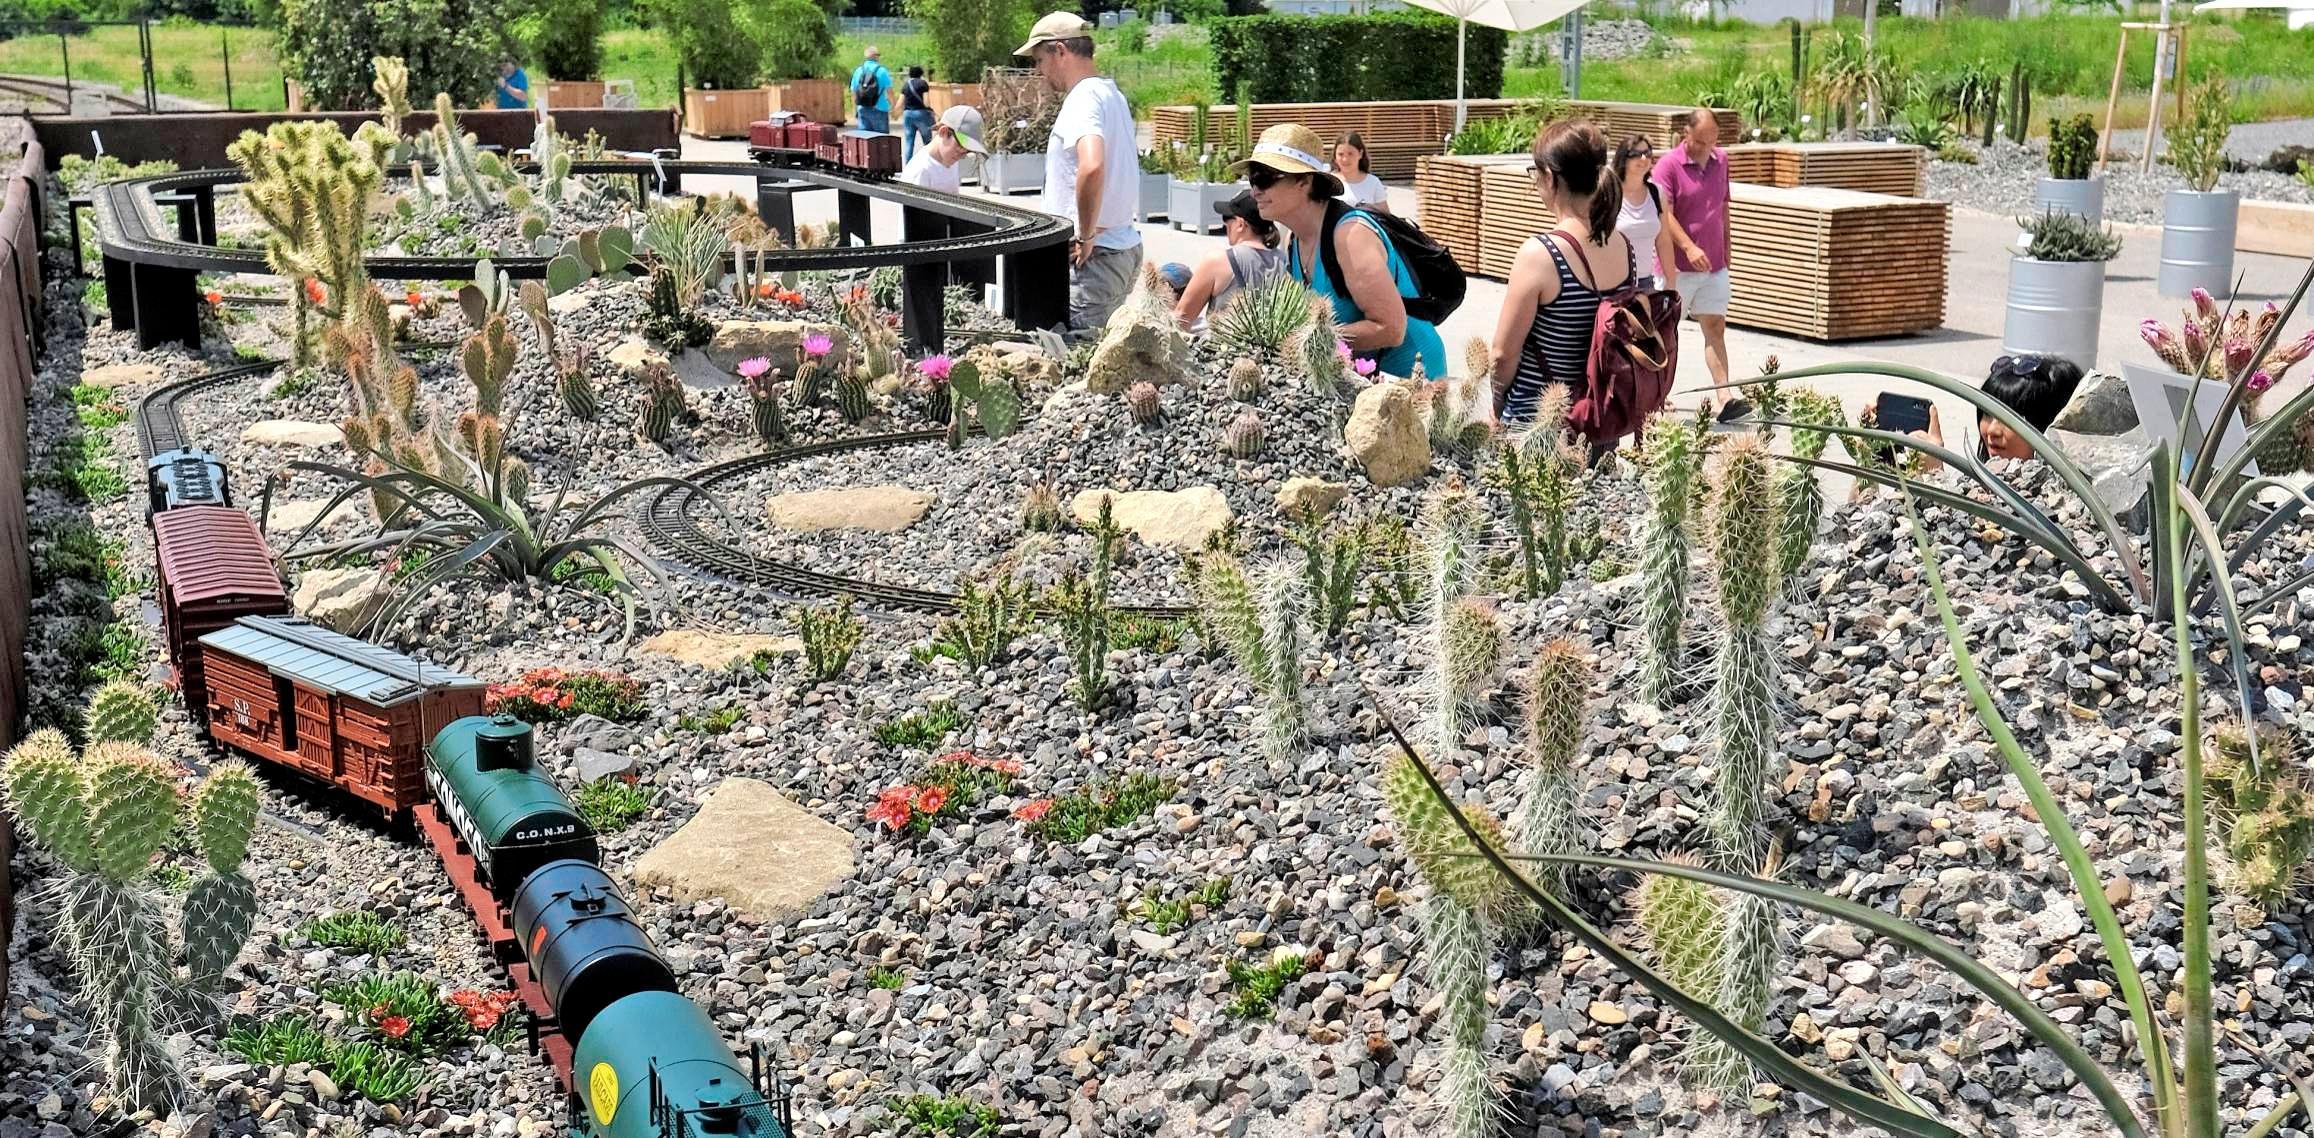 Kakteengarten: Stachelpflanzen und Eisenbahn bildeten eine sehenswerte, gelungene Mischung.